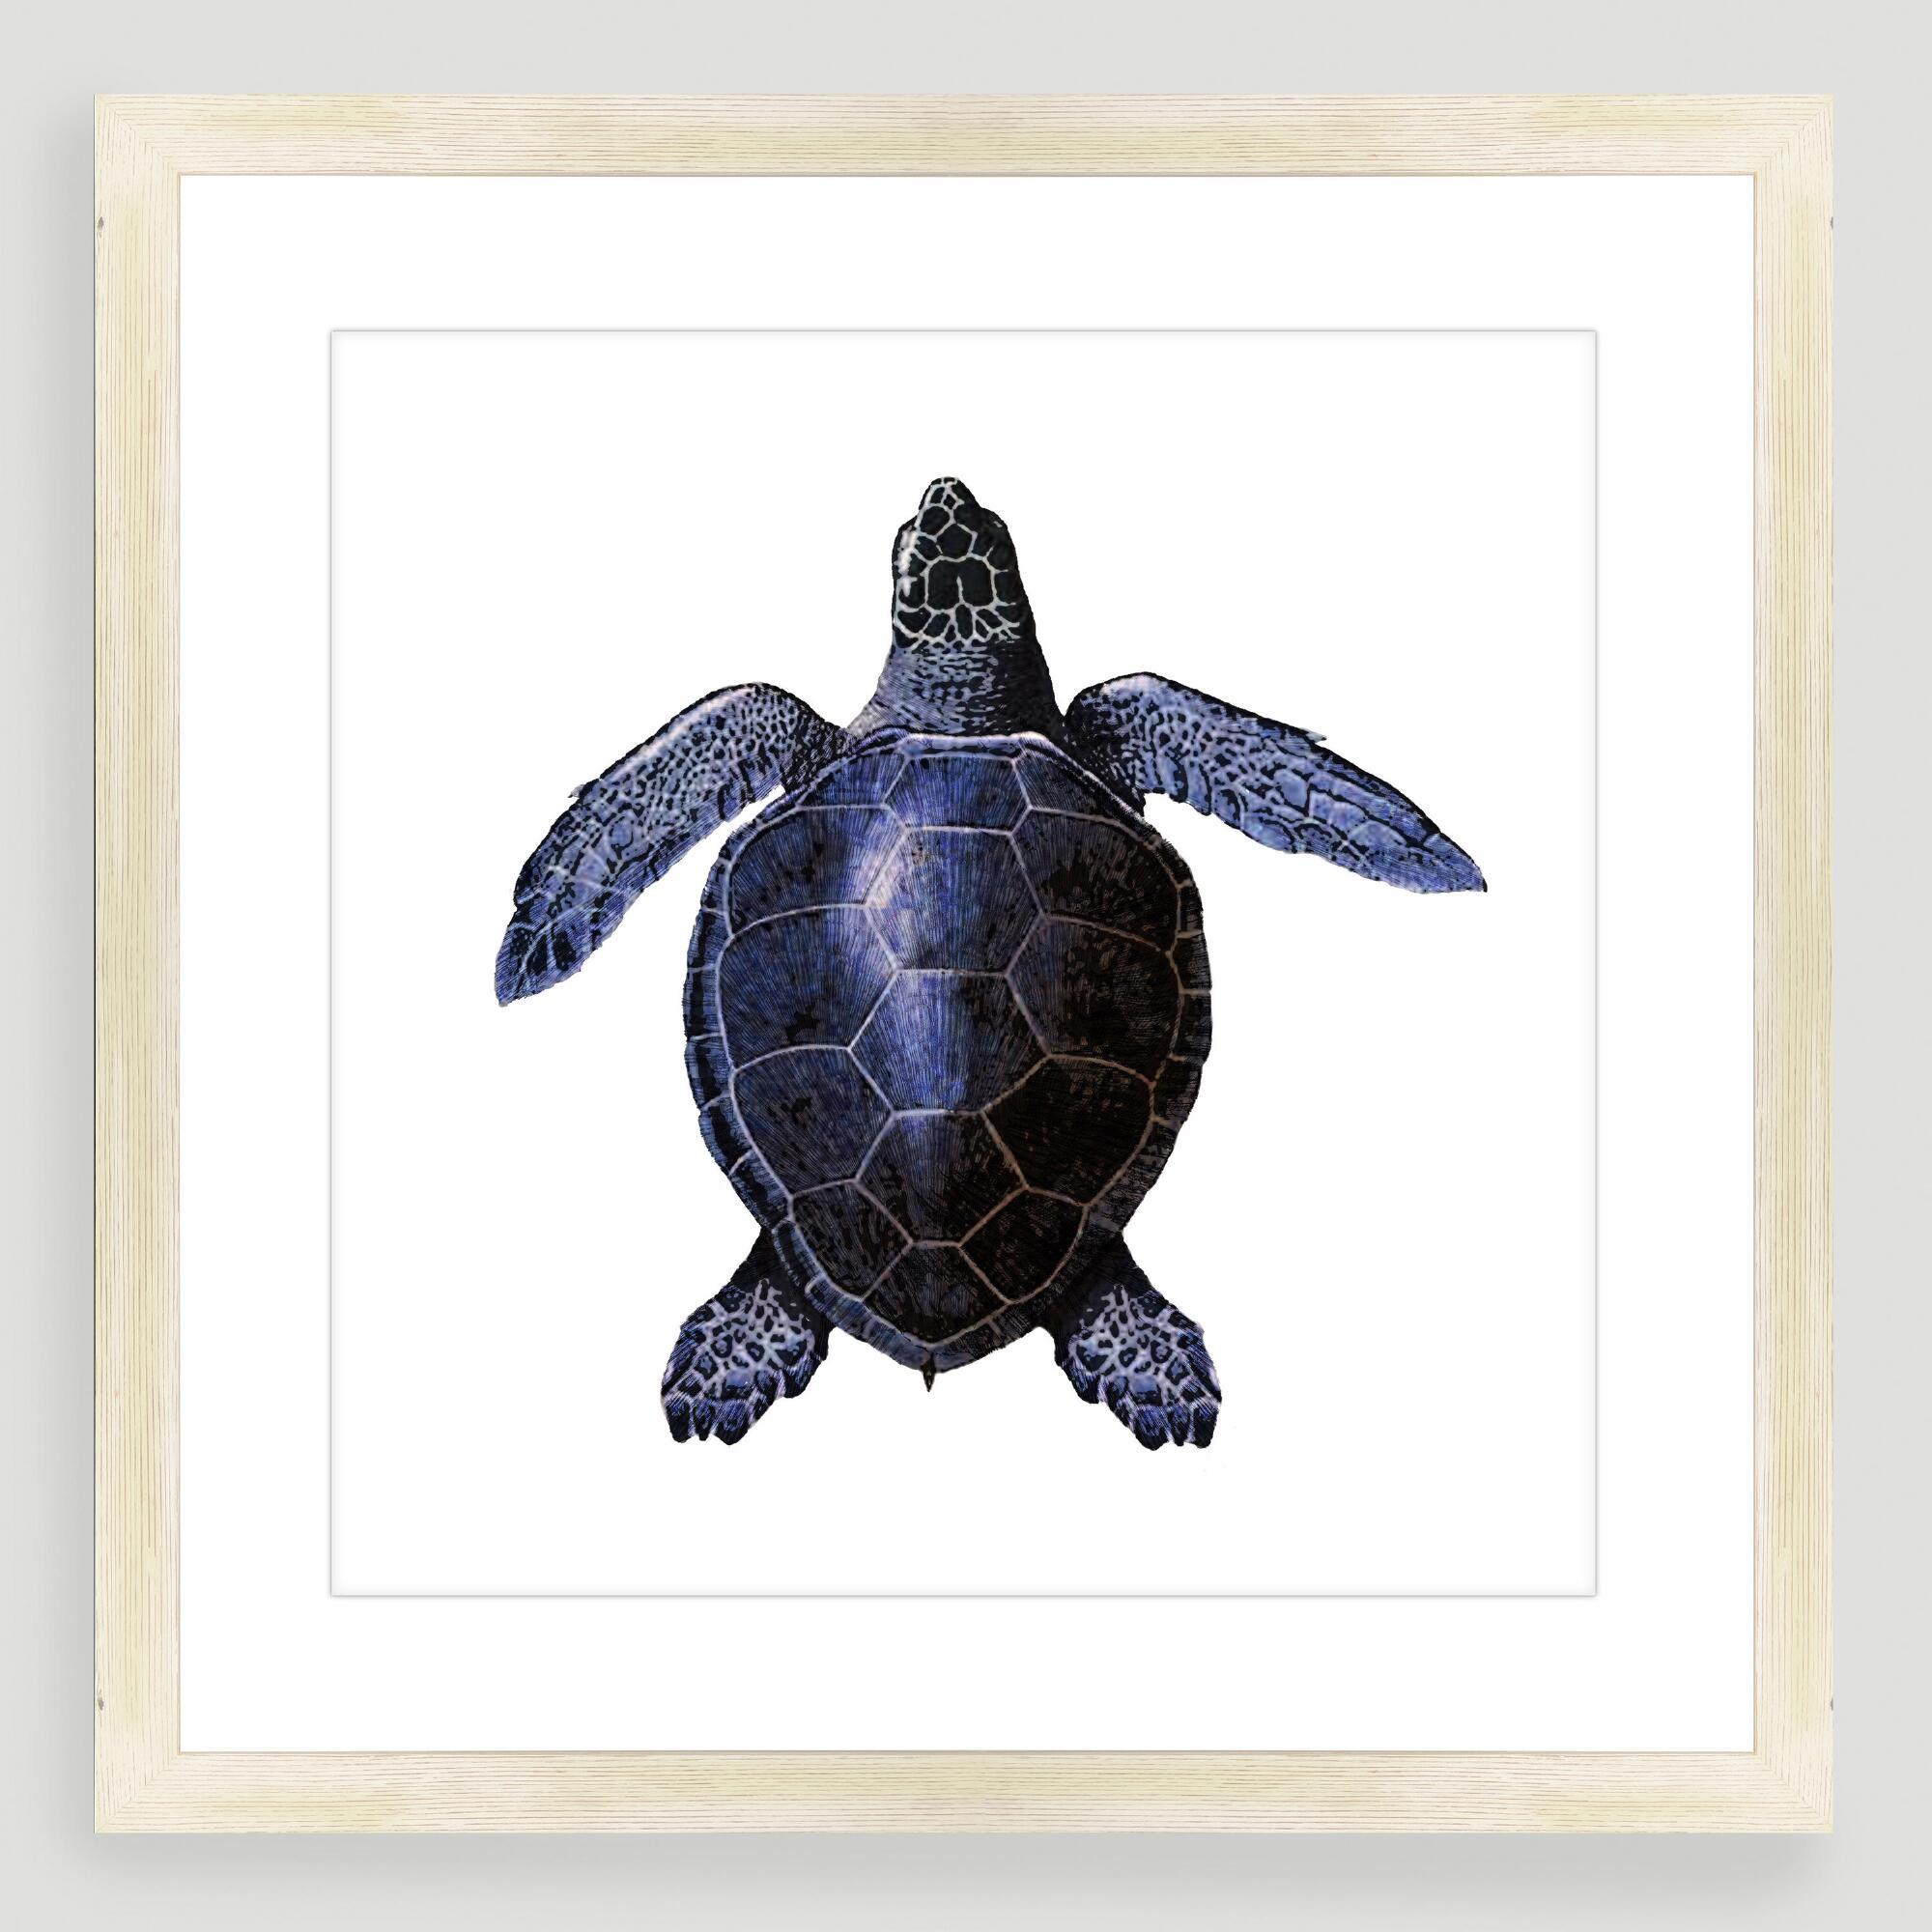 Vintage-Style Turtle Sea Life Wall Art | World Market